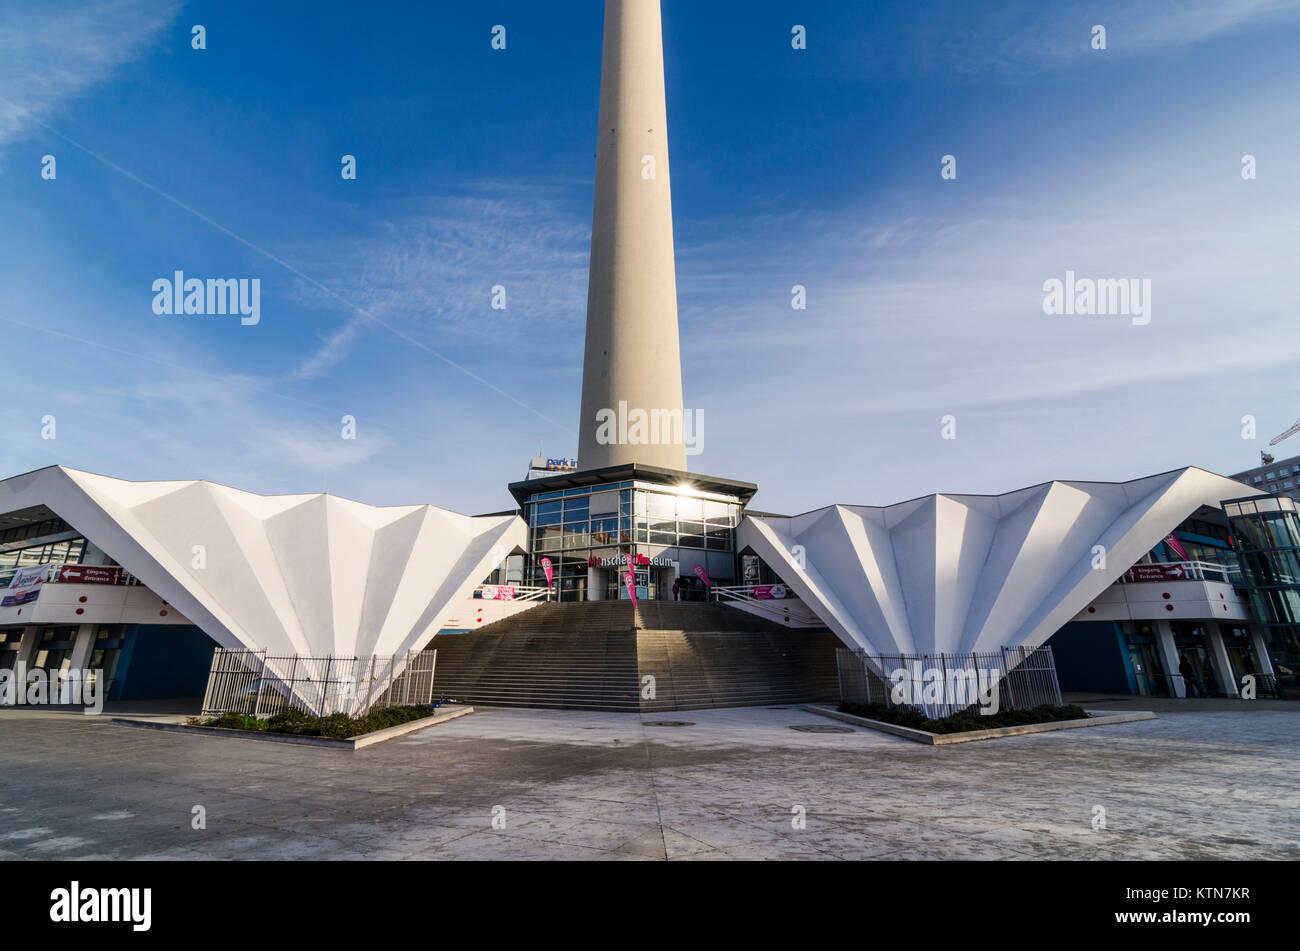 Konkrete Flügel an der Basis der Fernsehturm Pavillon von Walter Herzog und Heinz Aust, Panoramastrasse, Berlin, Stockfoto